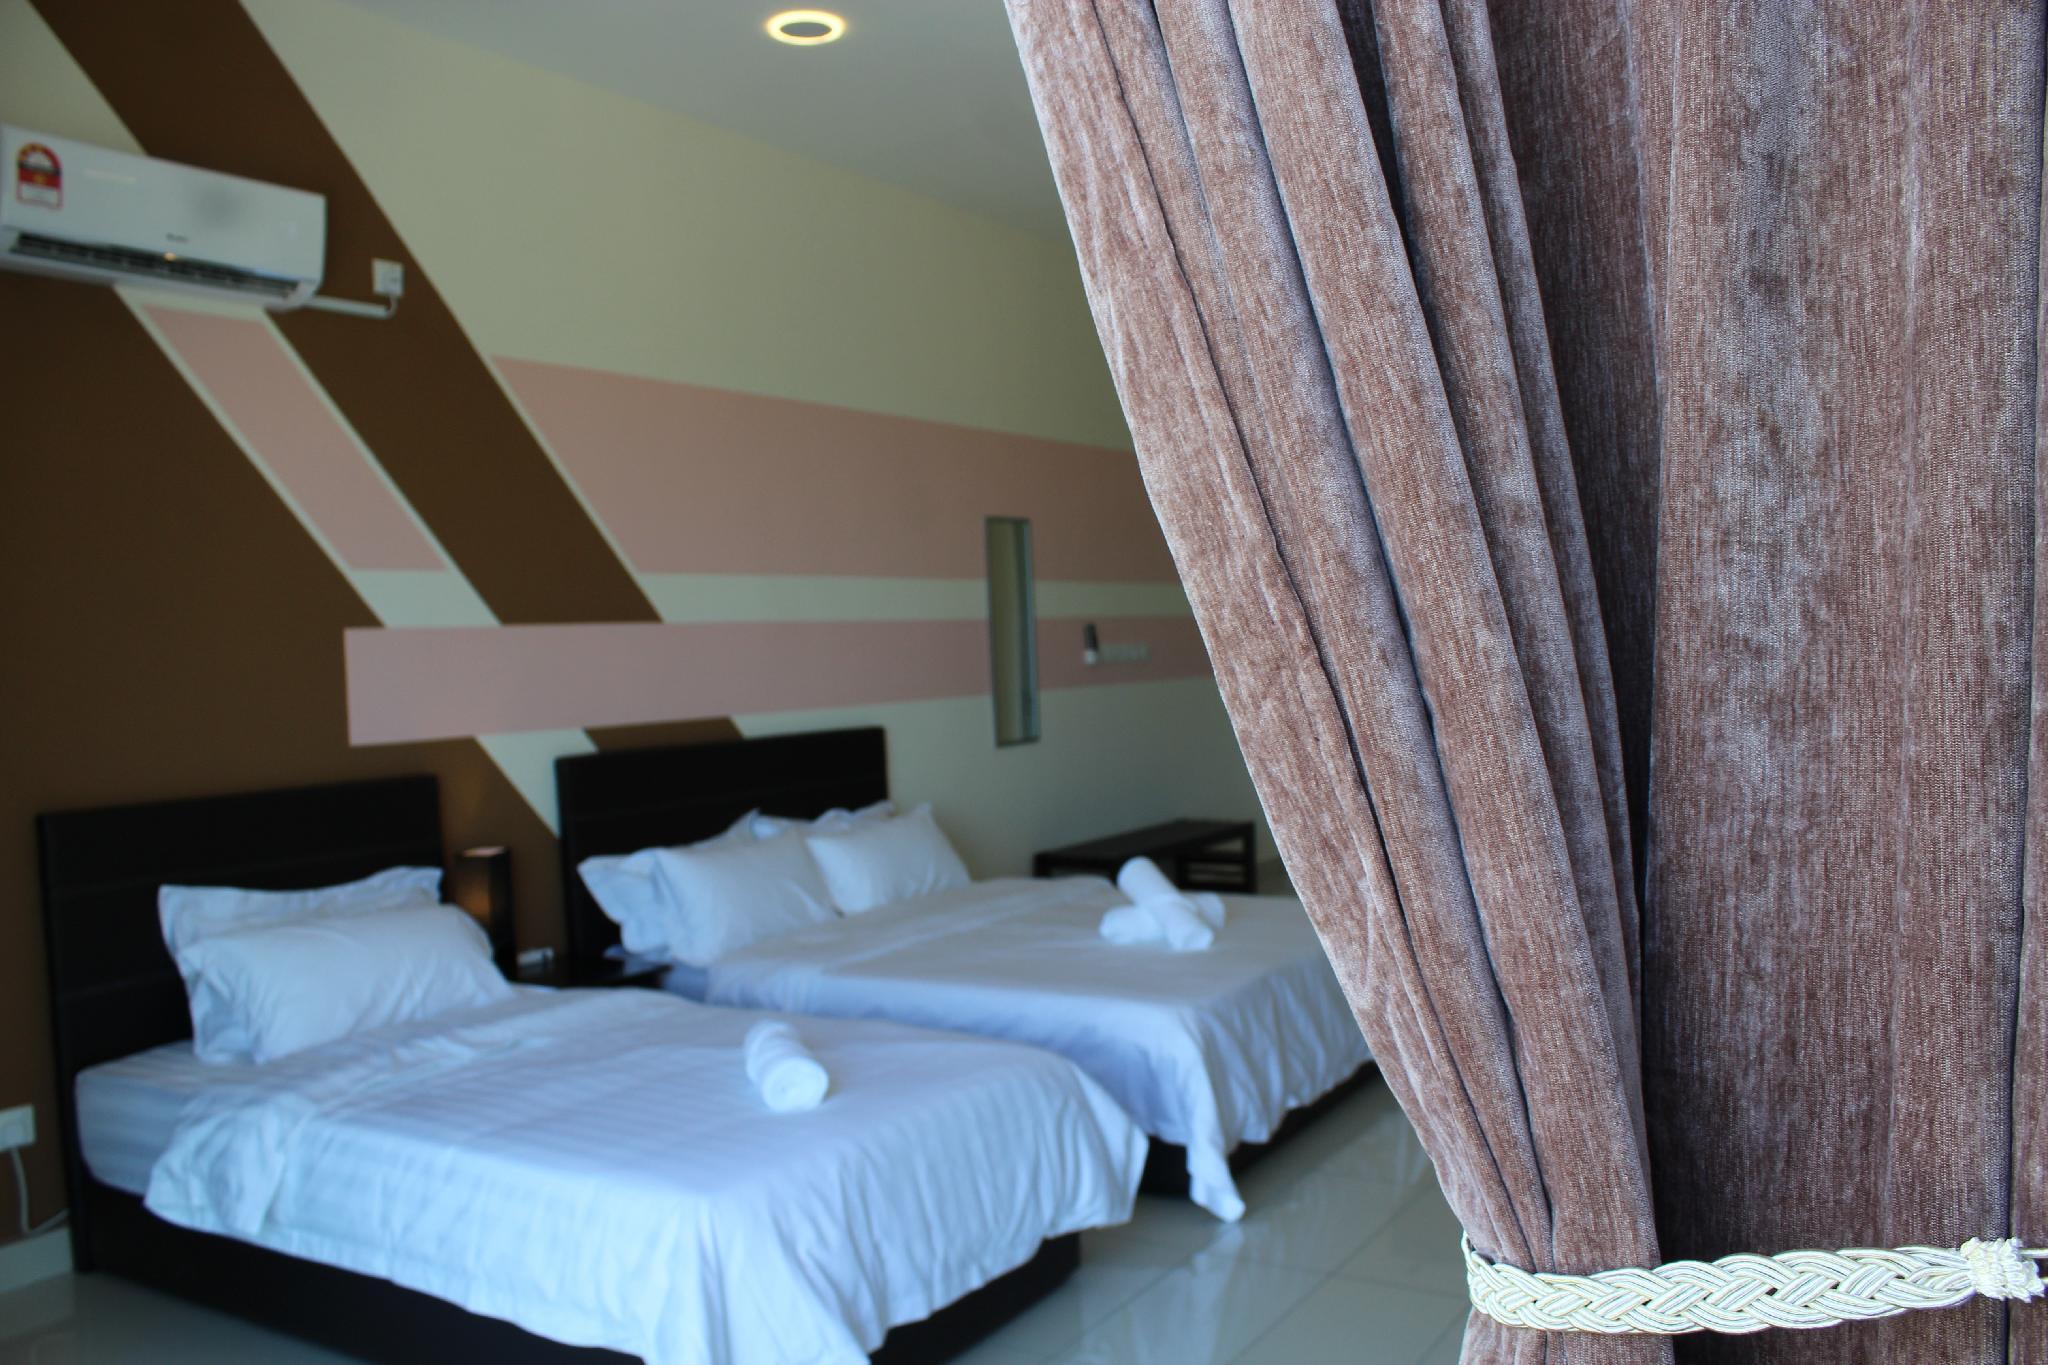 Aeropod Studio Suite 2 Beds